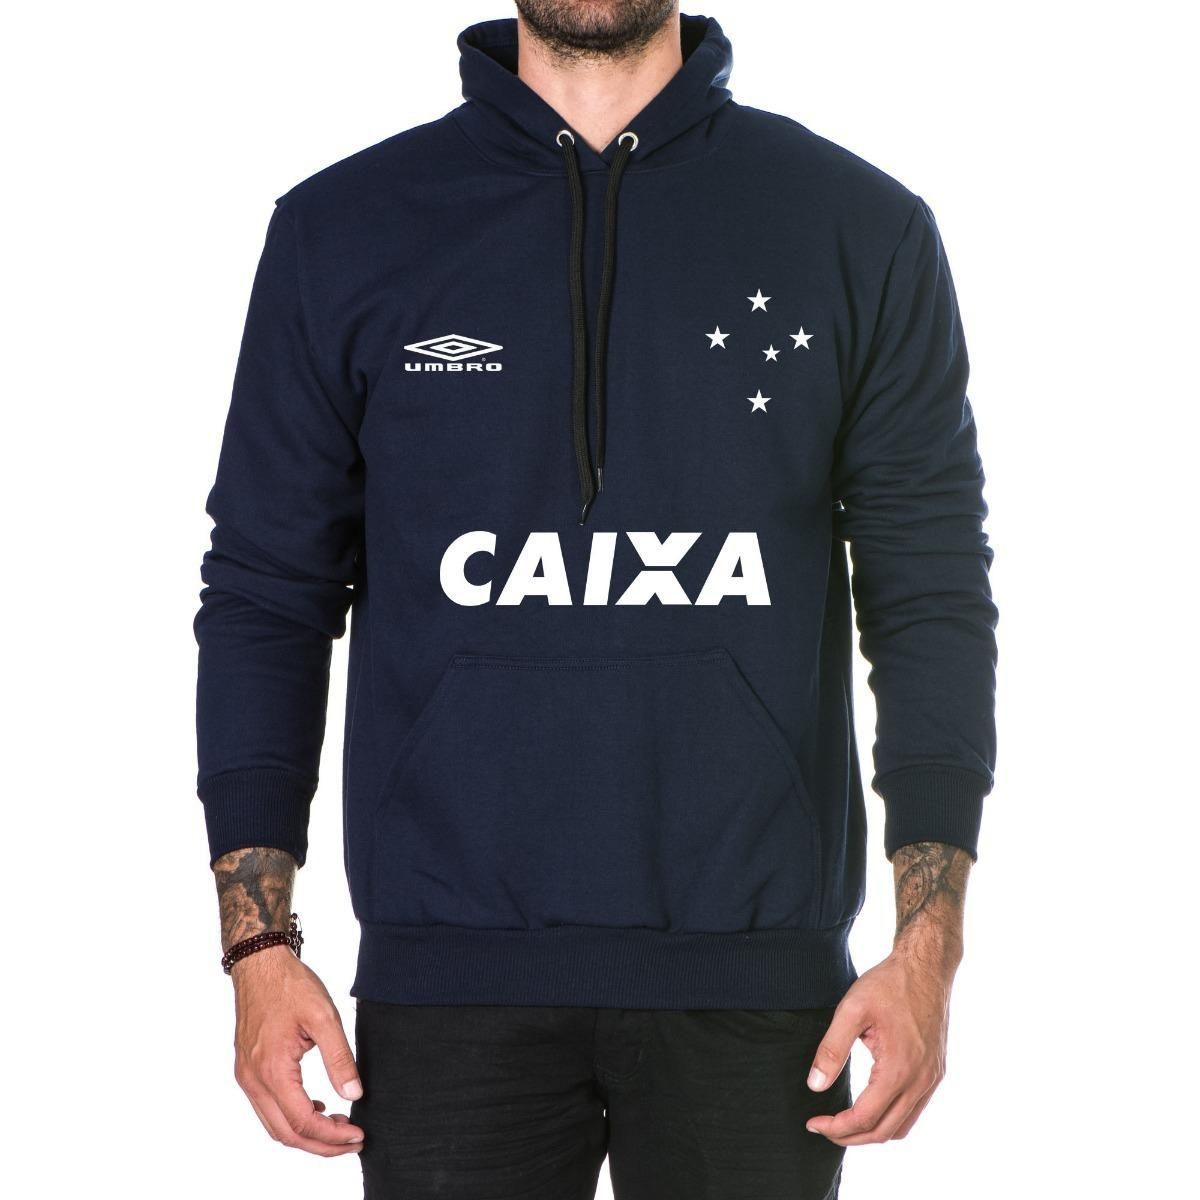 moletom blusa frio masculino times cruzeiro casaco top 2018. Carregando  zoom. 6be4eb02b42b8